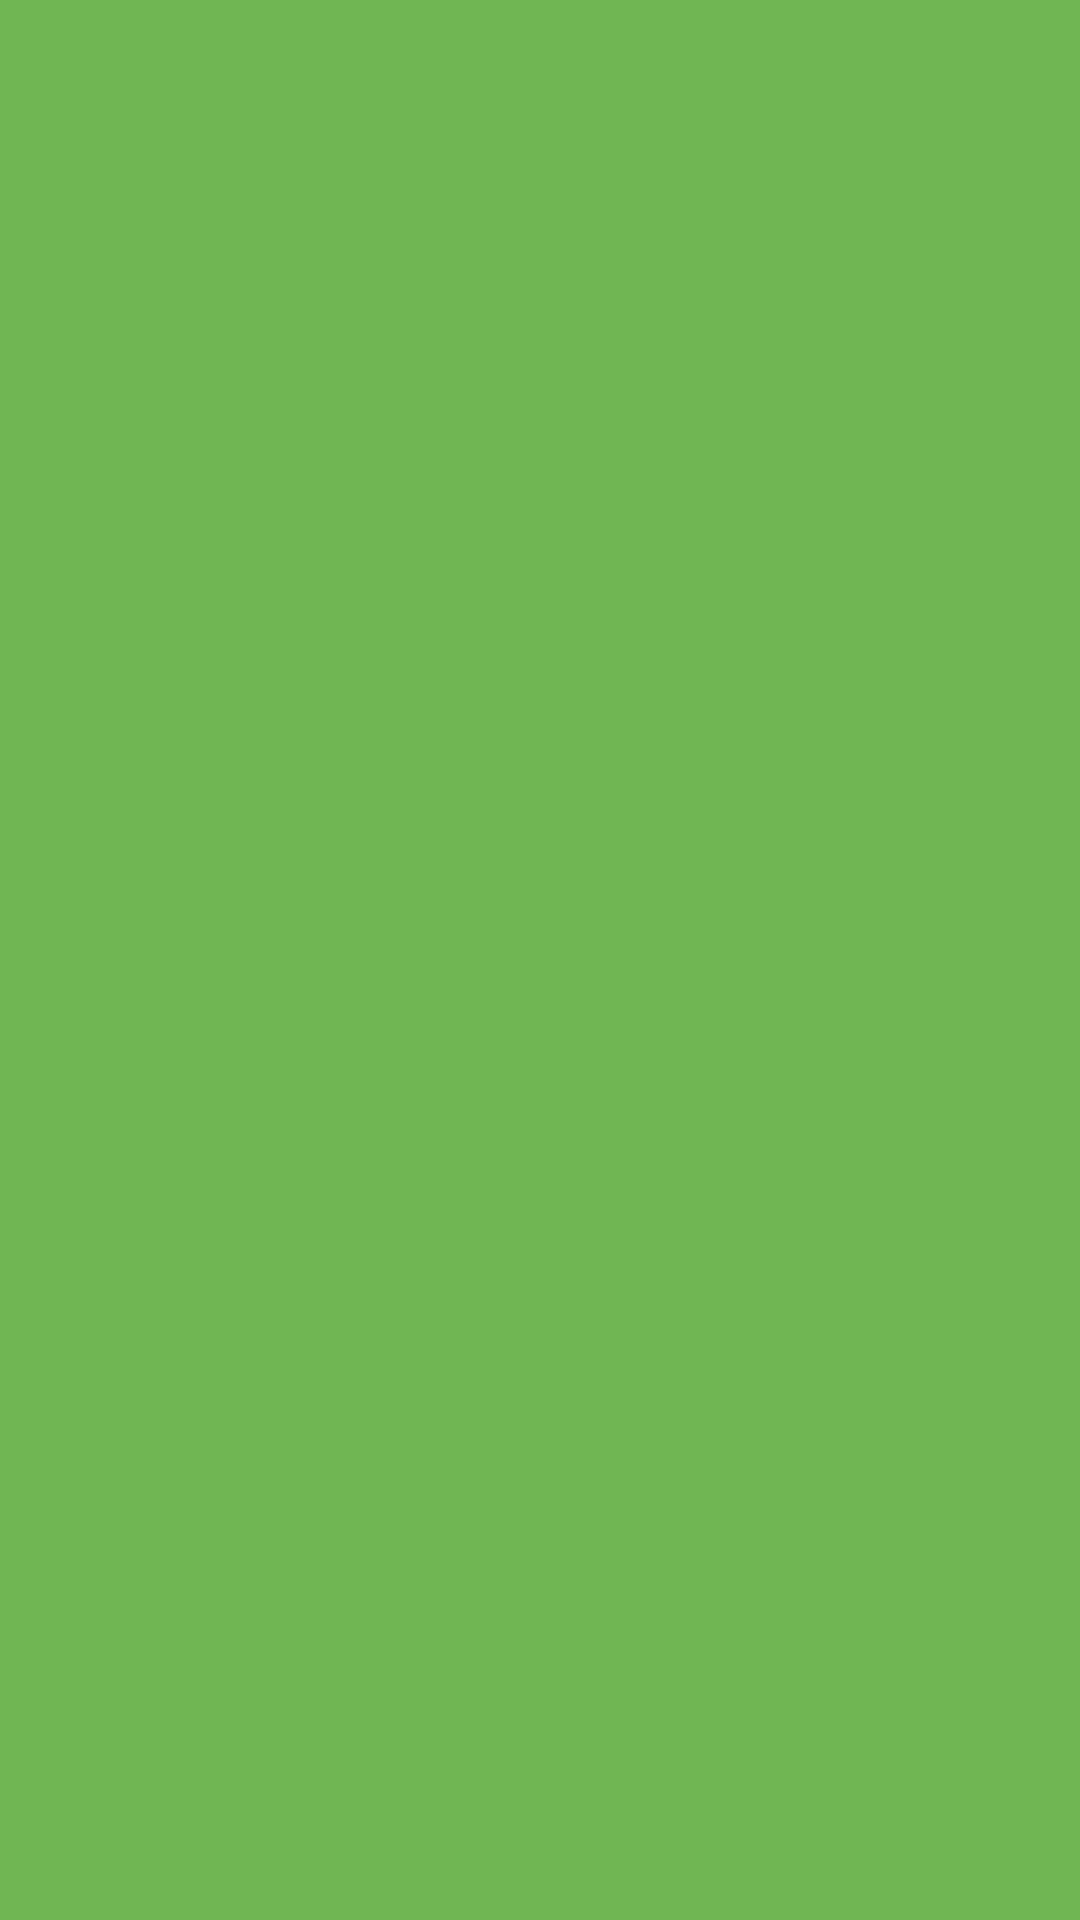 significado color verde oscuro